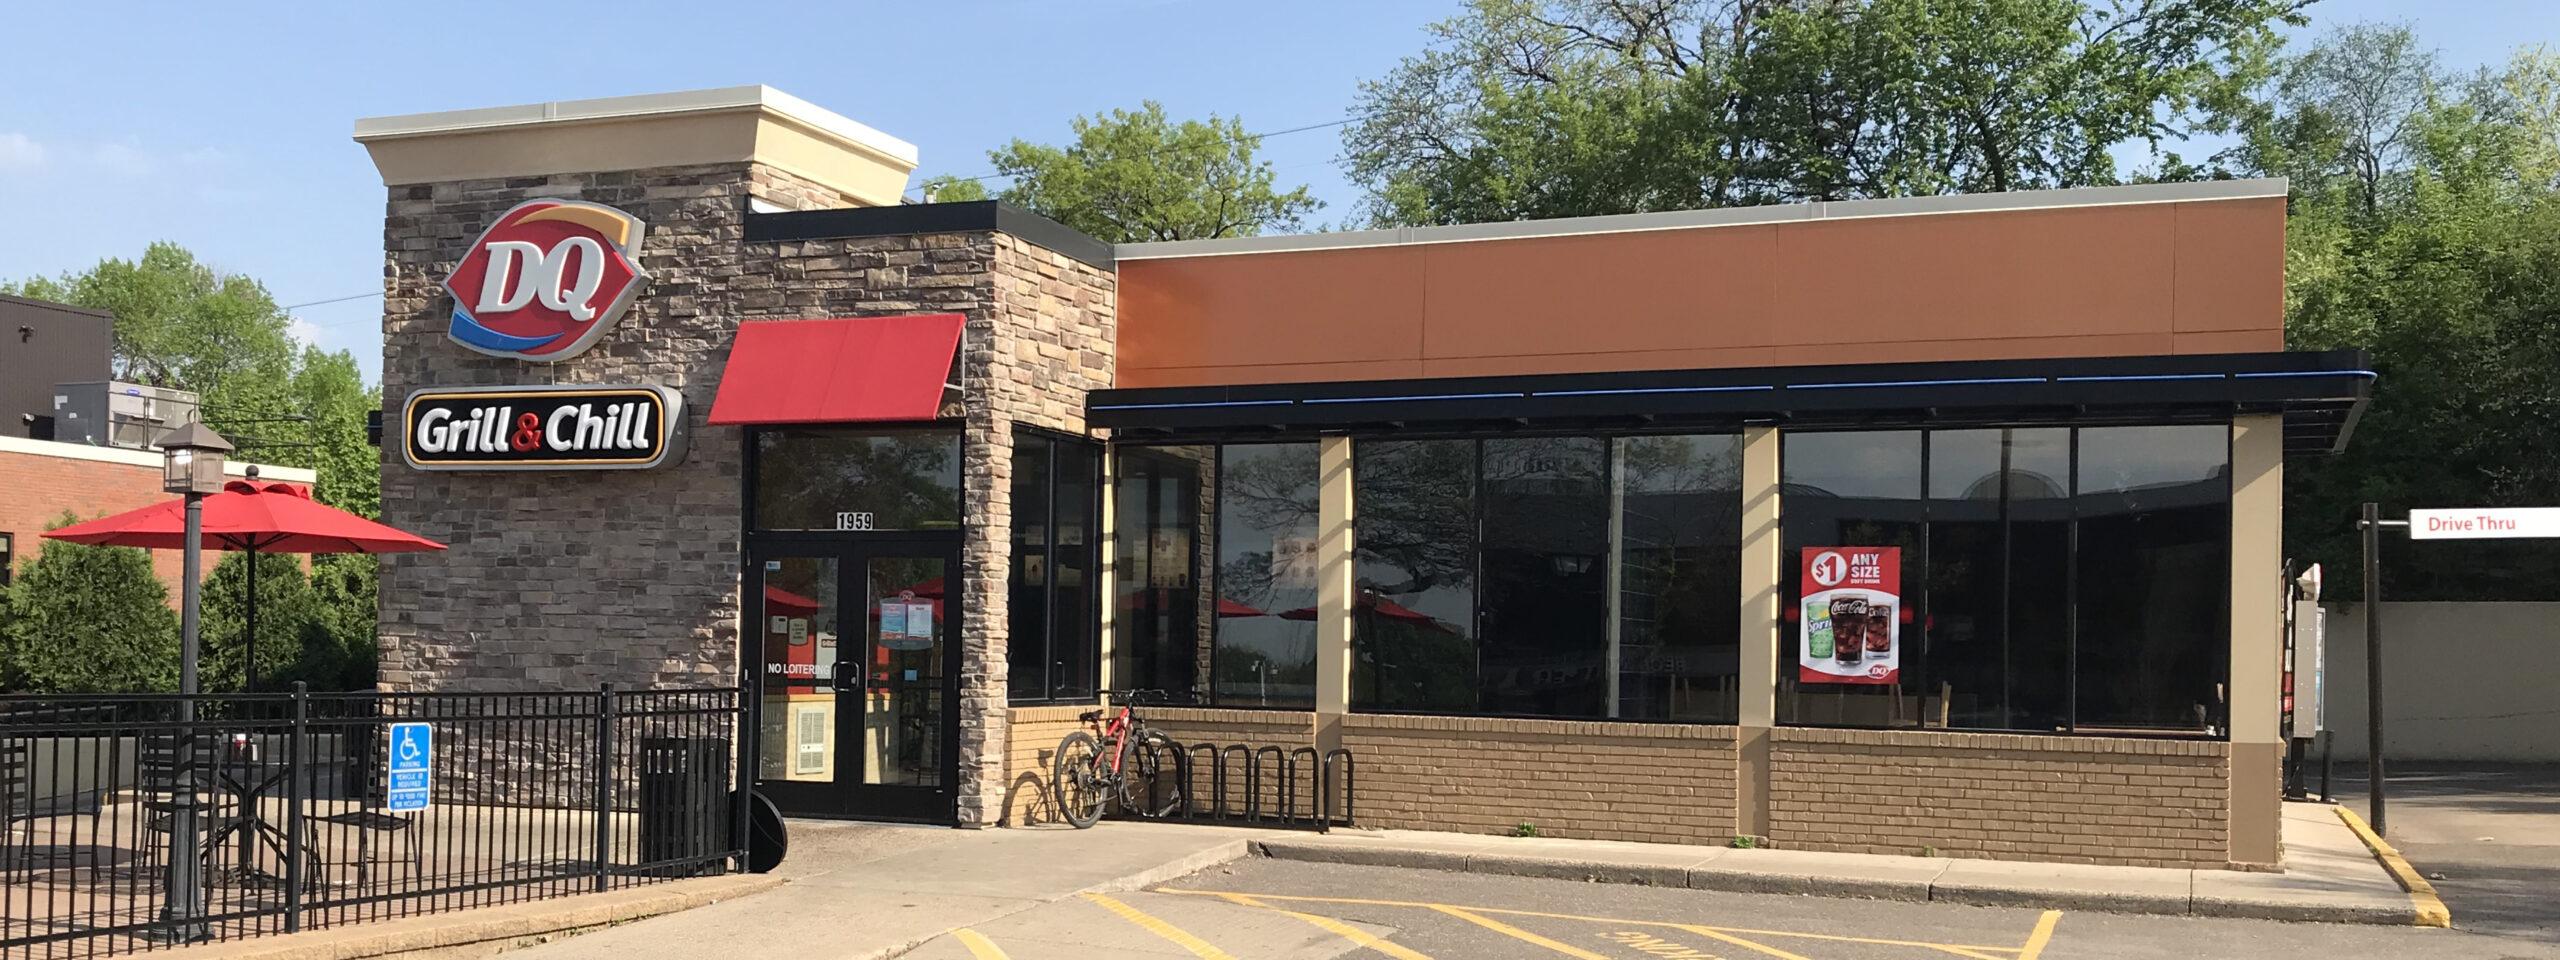 St. Paul, MN Fourteen Foods DQ Restaurant